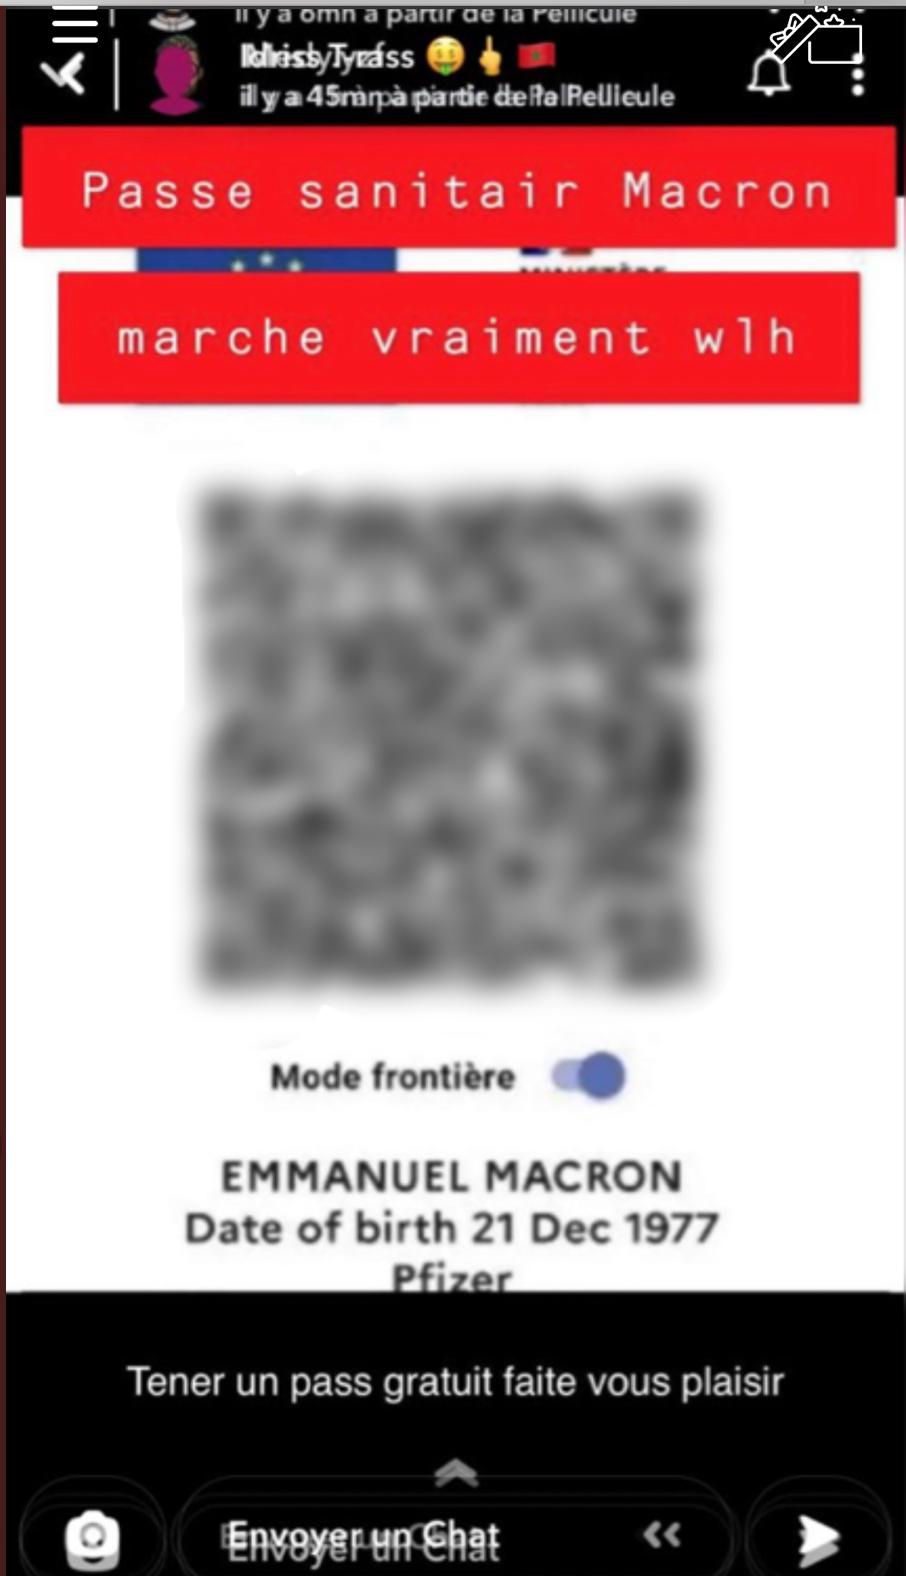 Εμανουέλ Μακρόν - πιστοποιητικό εμβολιασμού